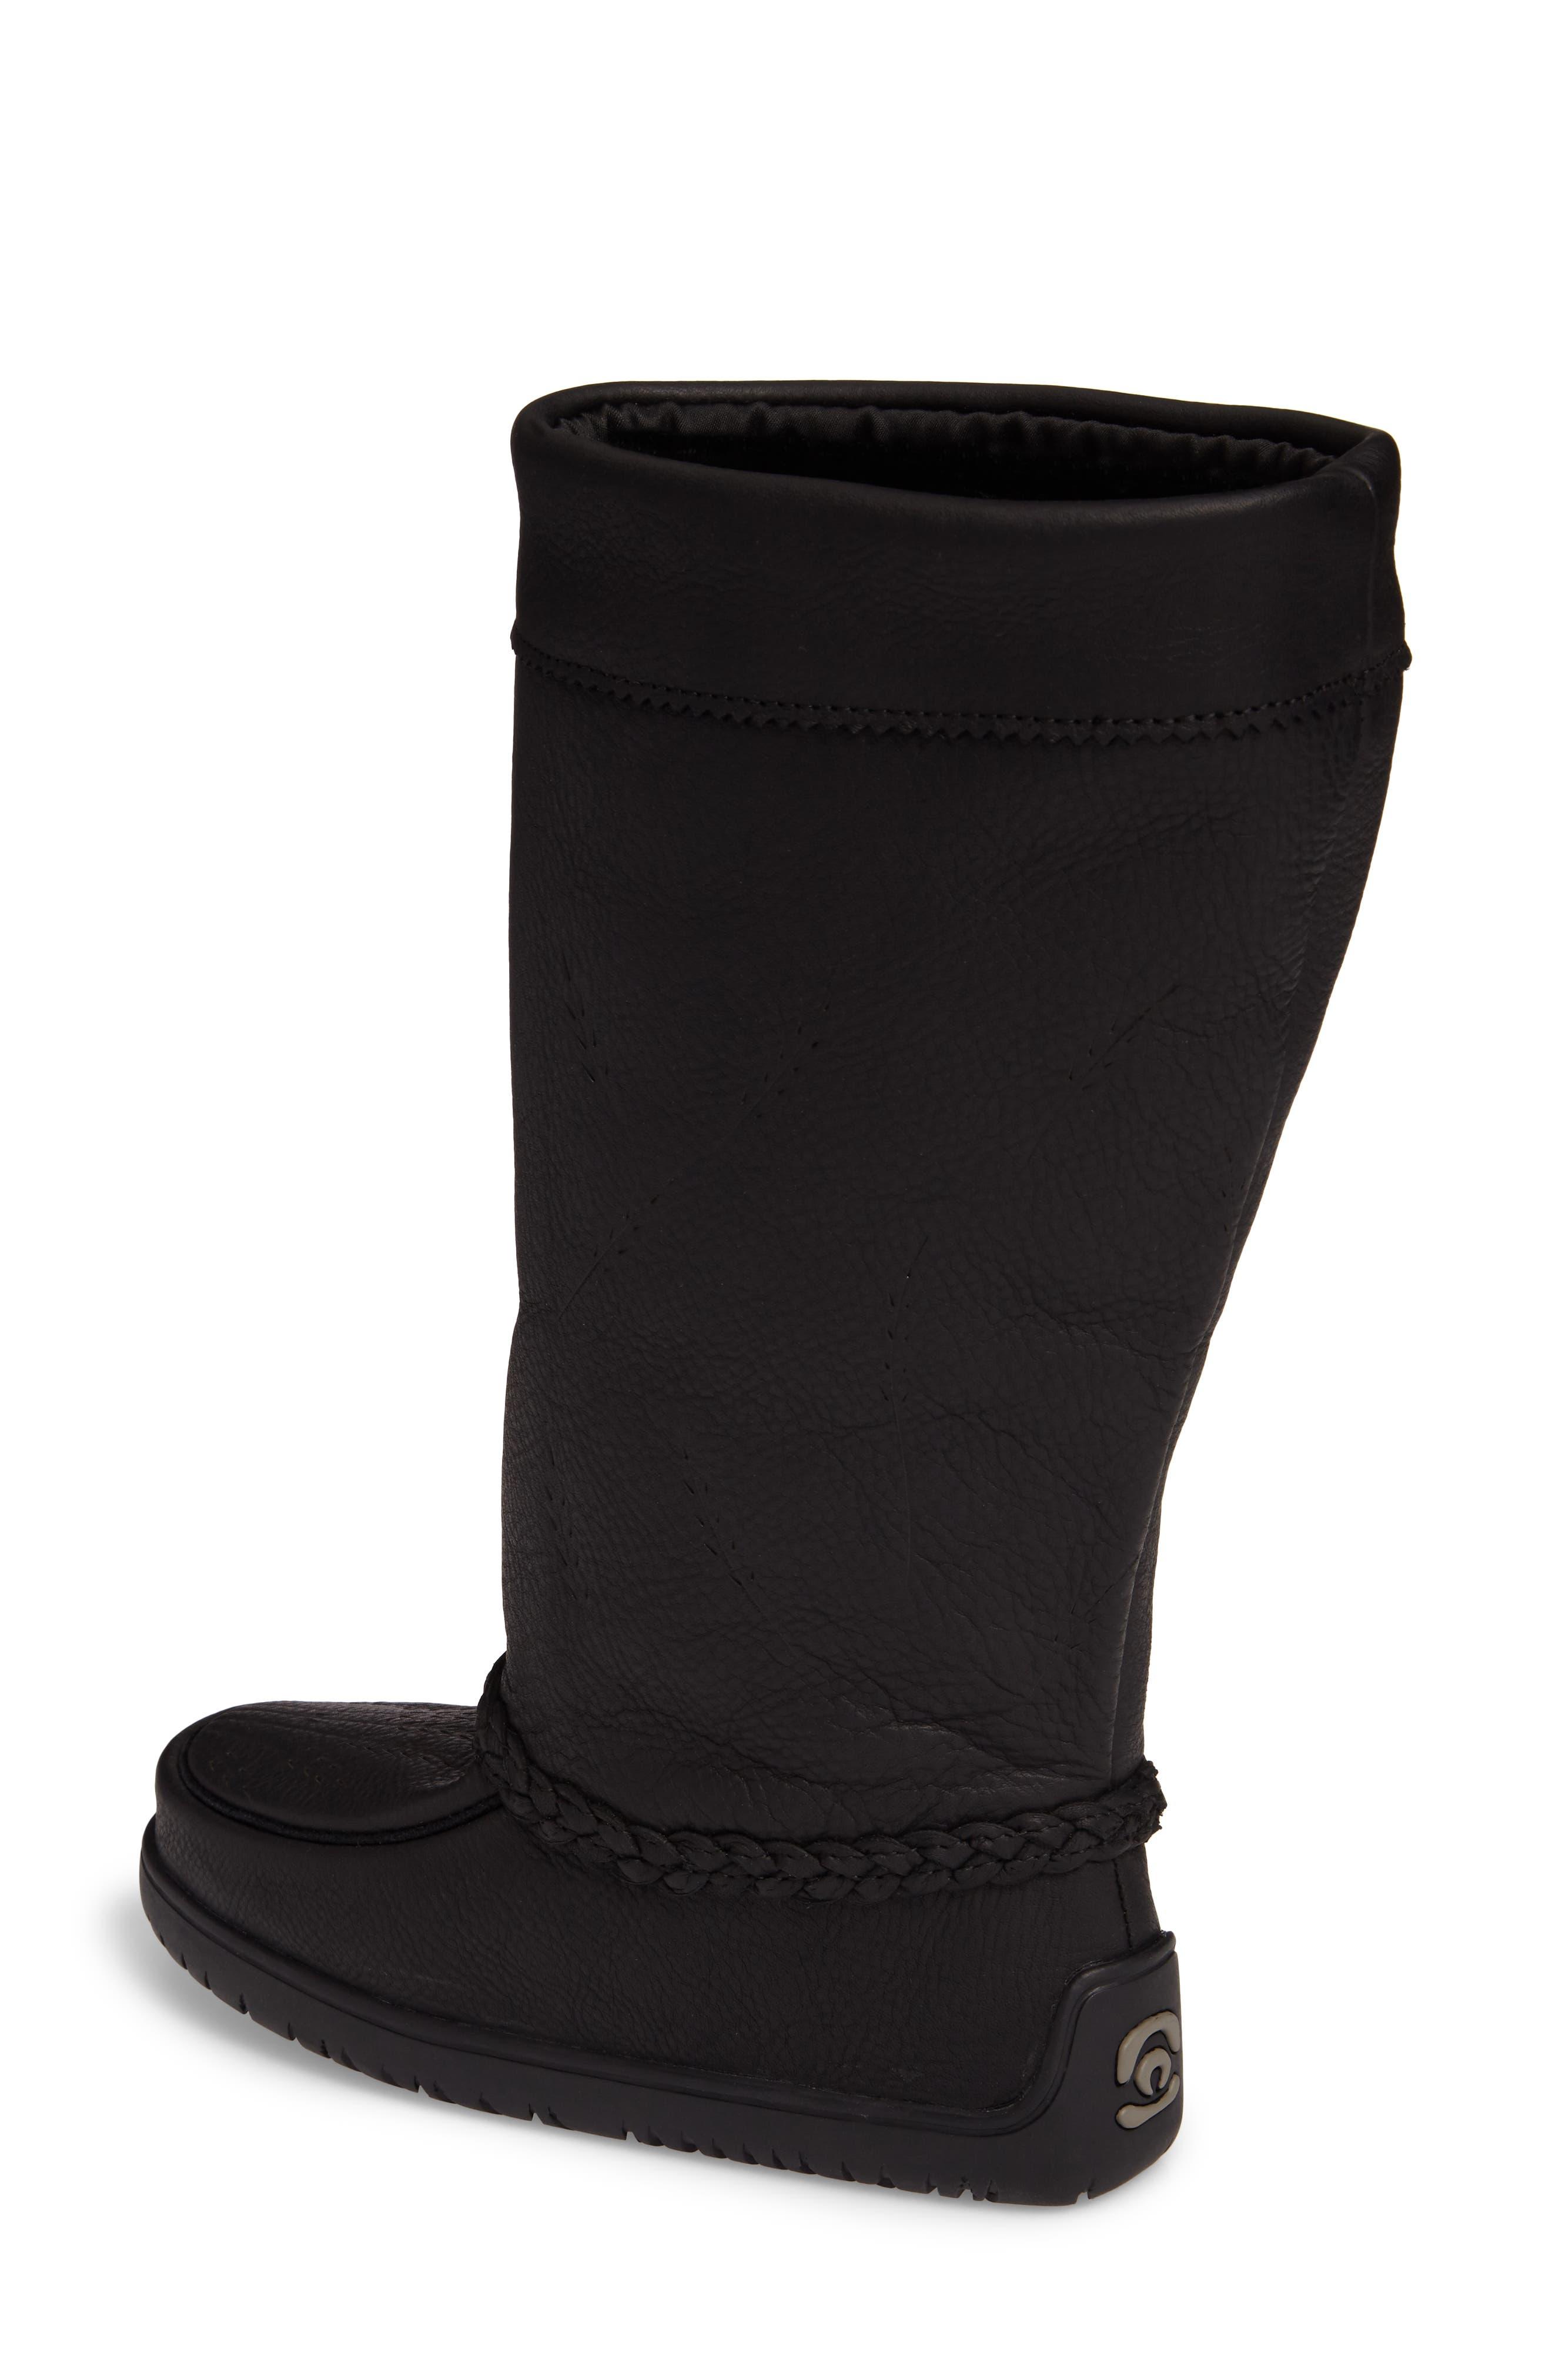 Alternate Image 2  - Manitobah Mukluks Tamarack Waterproof Genuine Shearling Boot (Women) (Wide Calf)